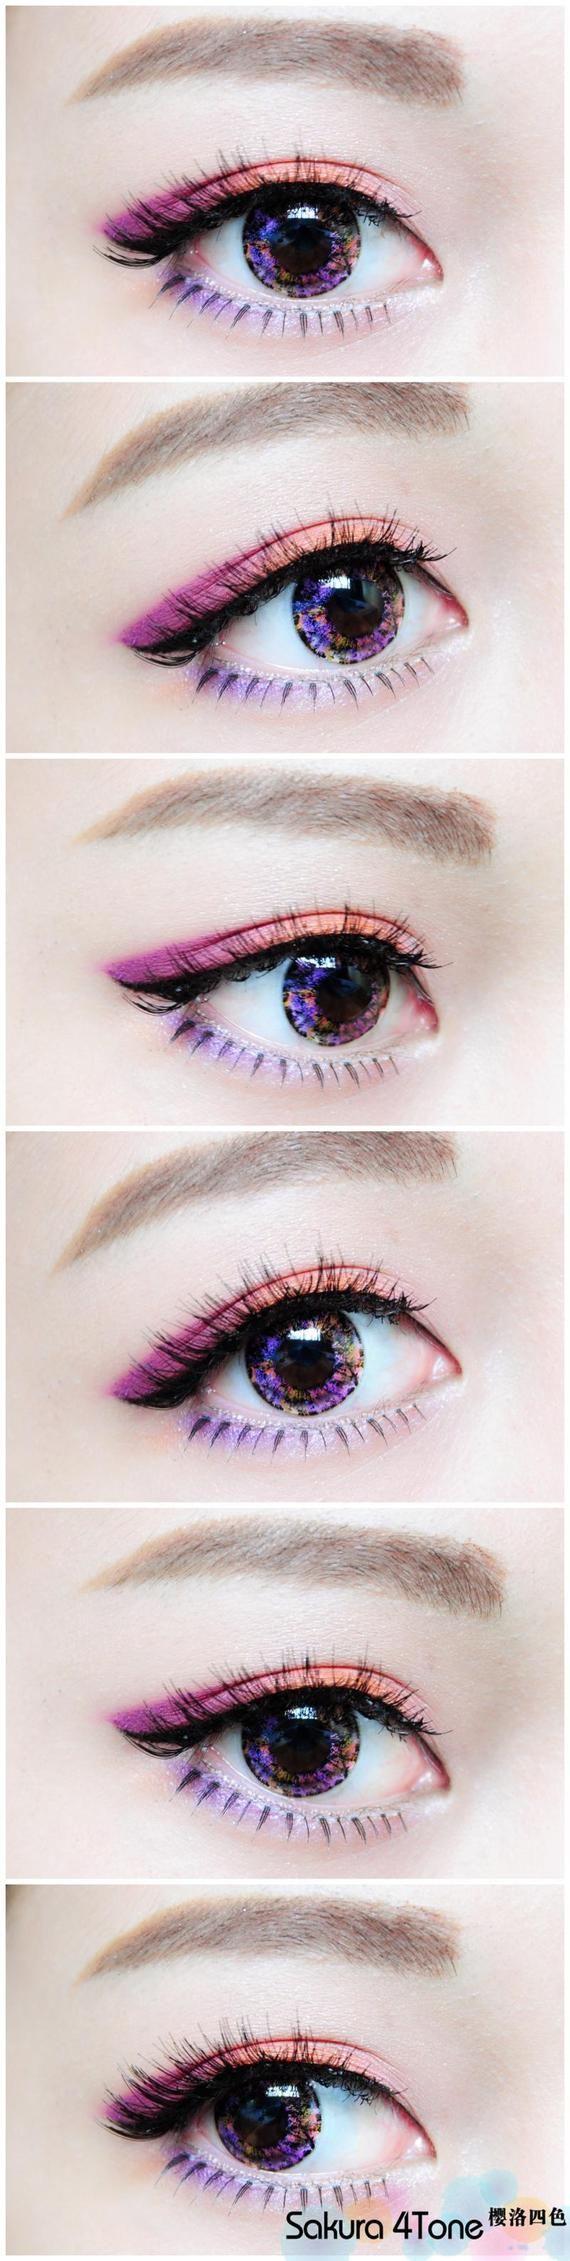 Colour Contact Lens